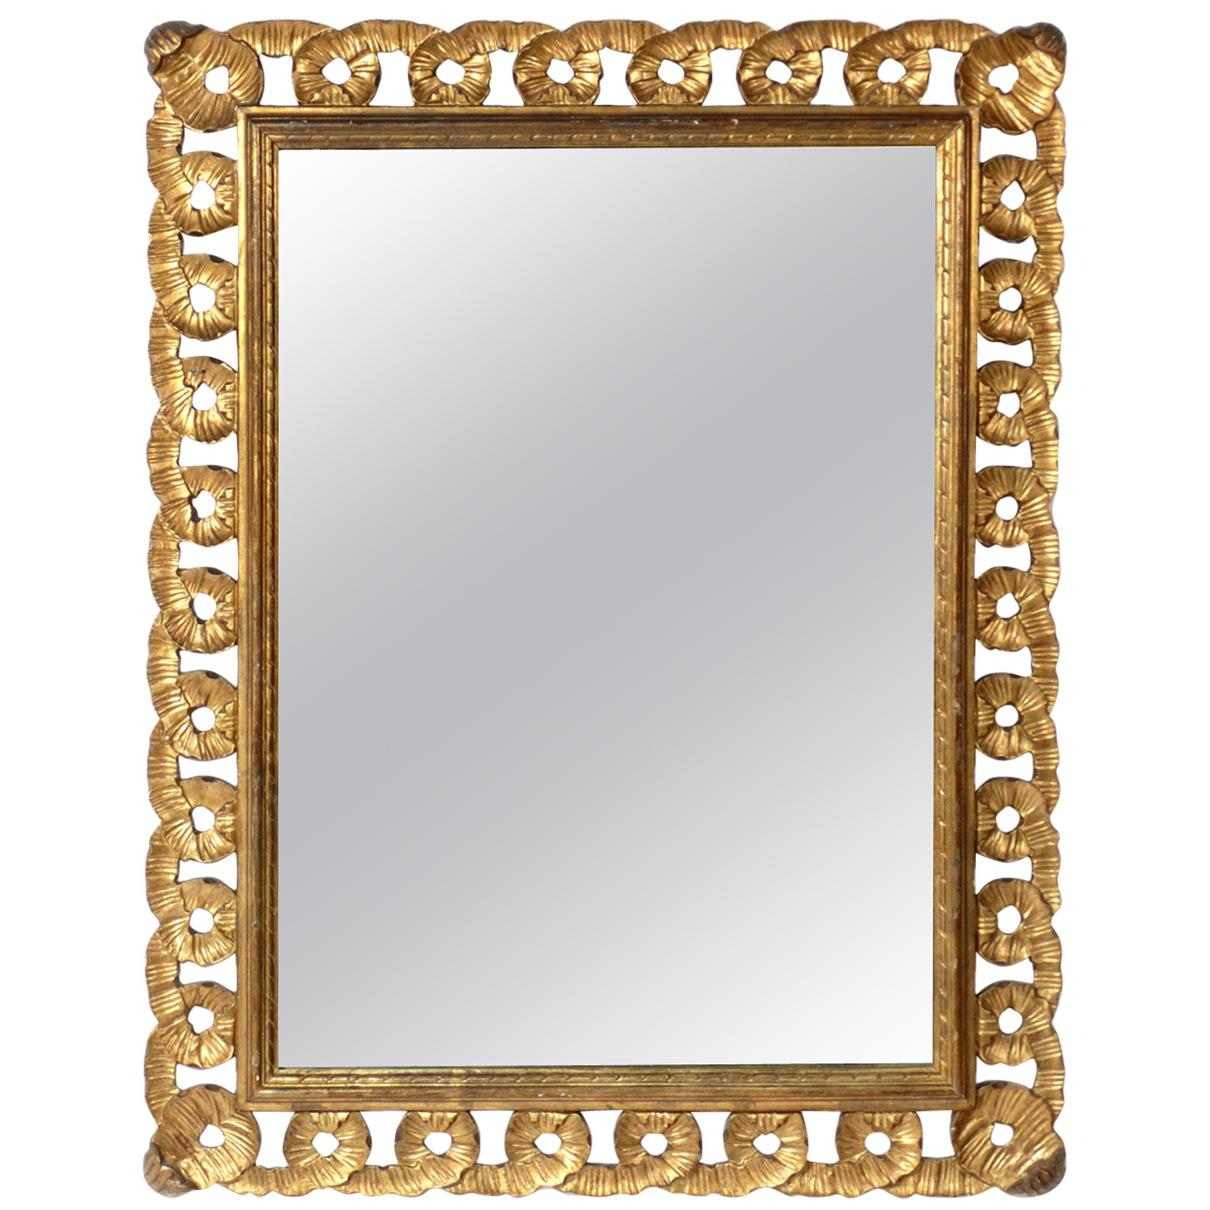 Scalloped Gilt Mirror, circa 1940s